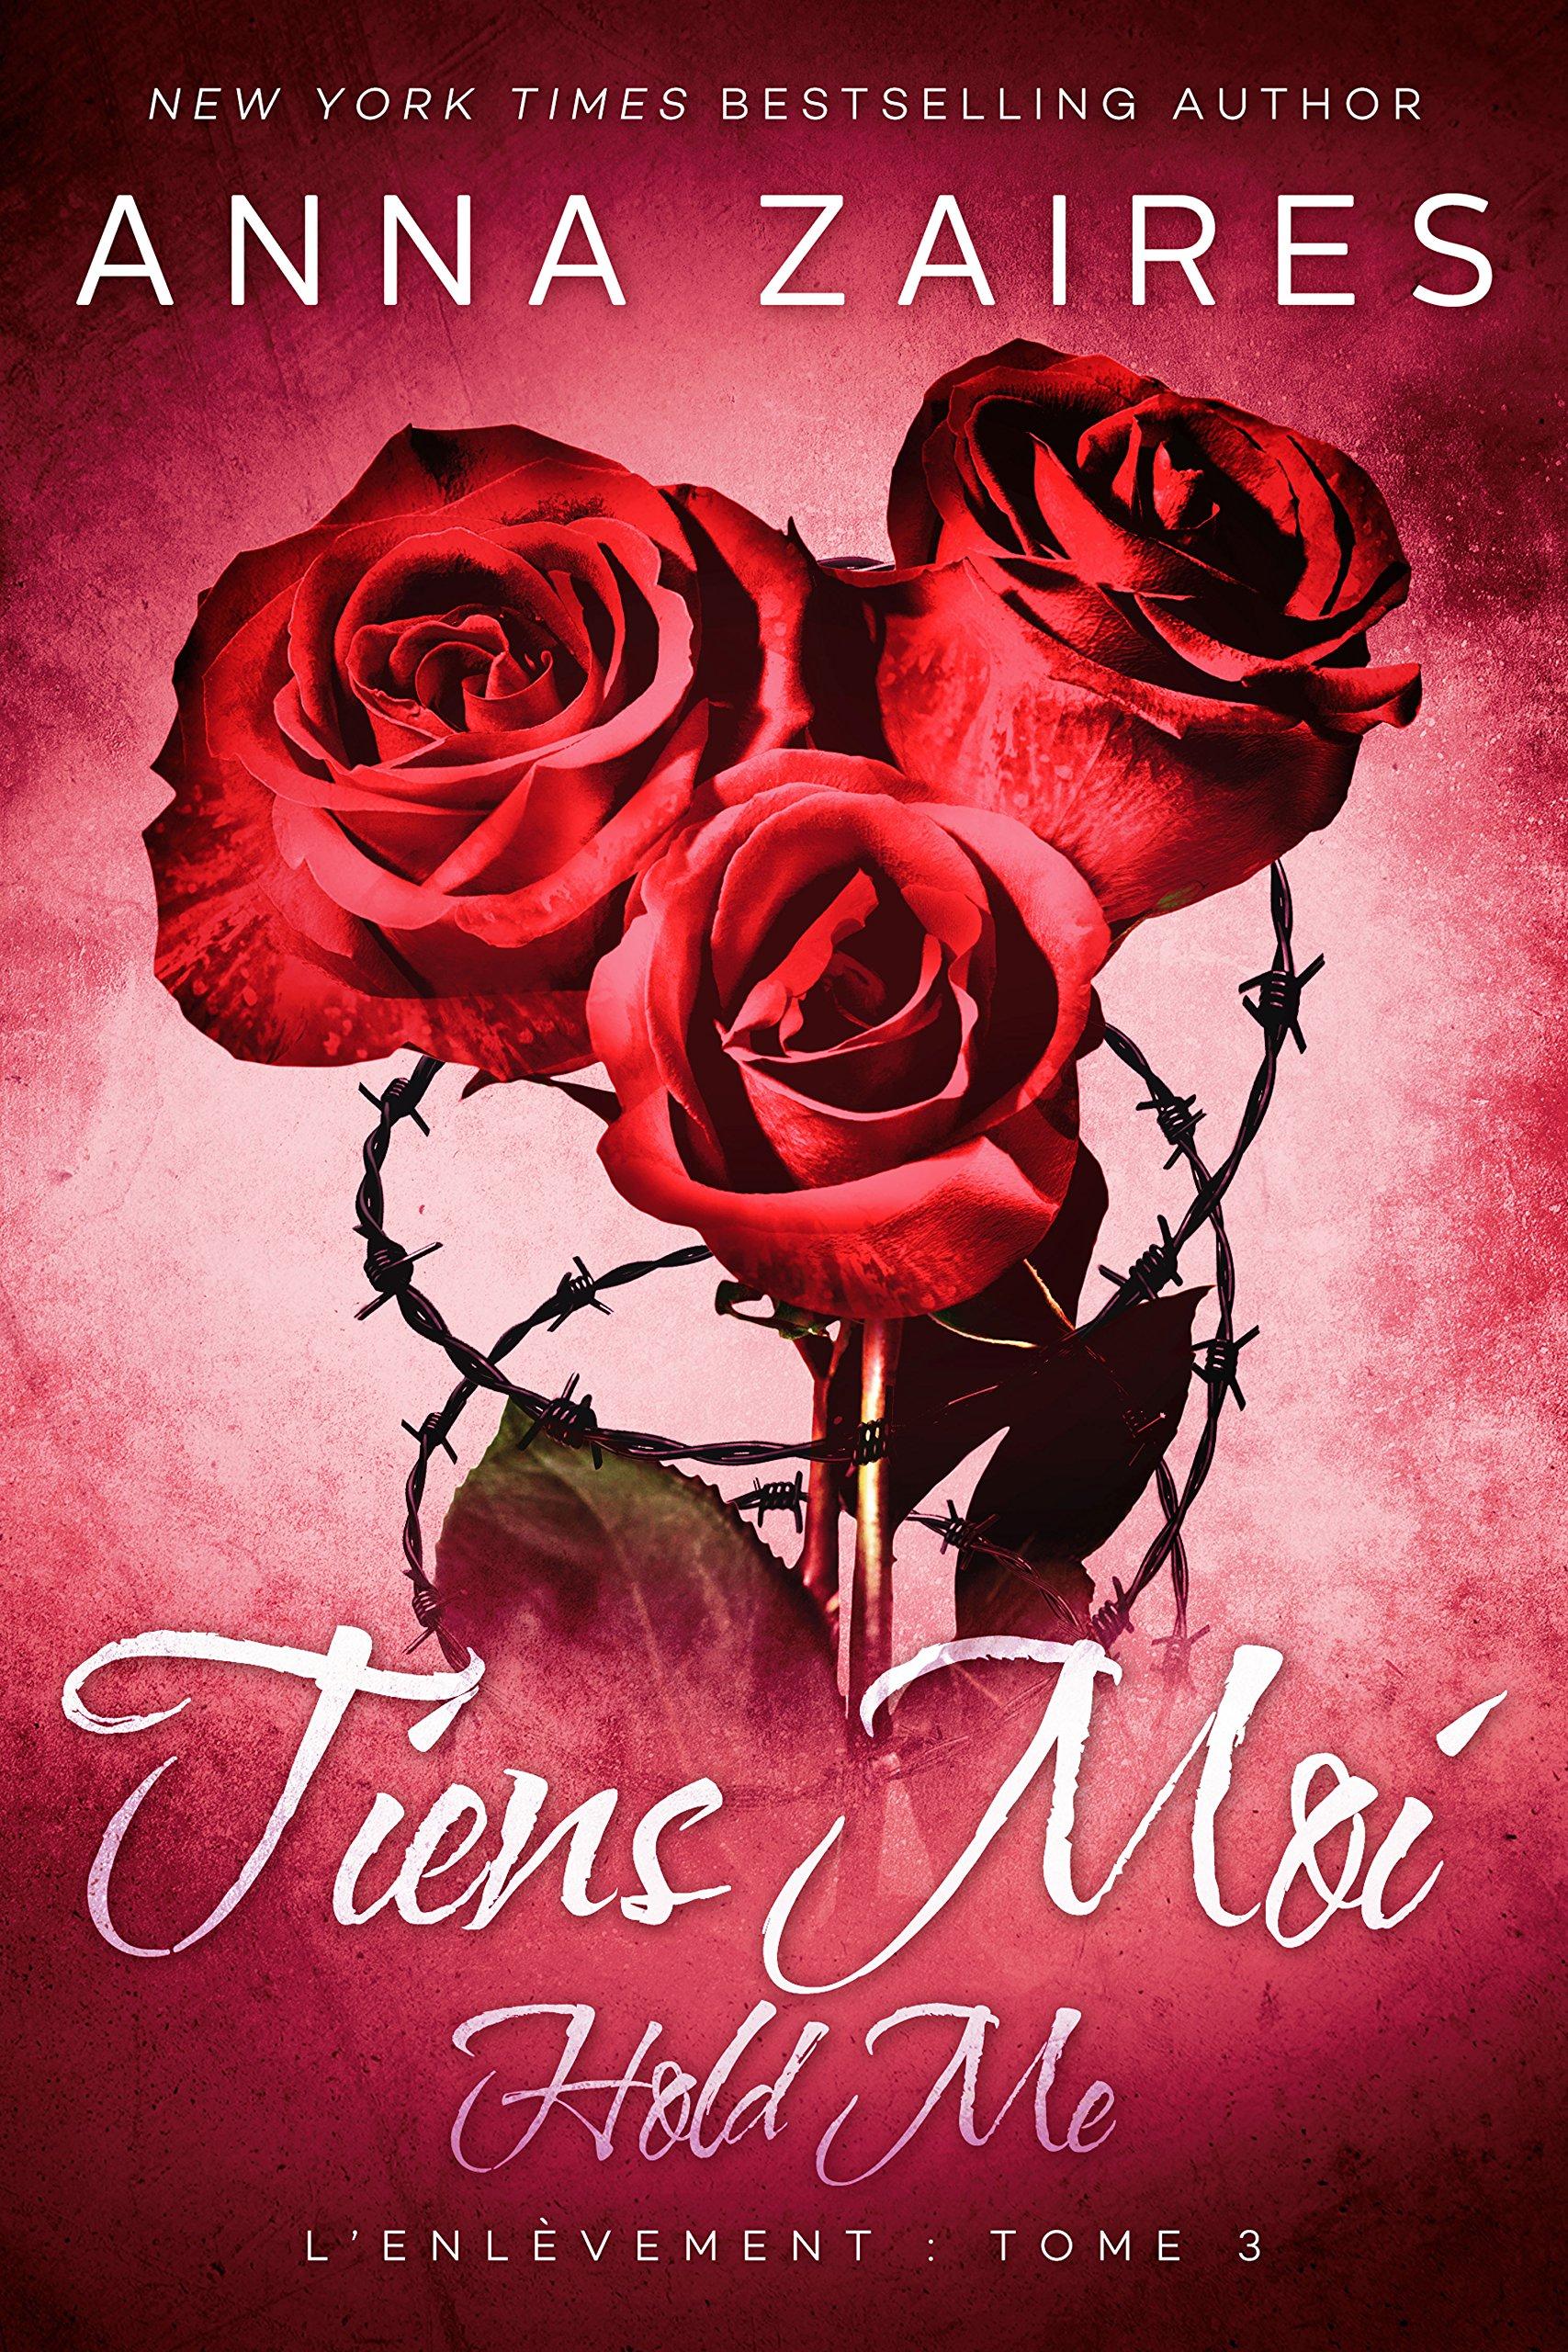 Hold Me - Tiens Moi (L'Enlèvement t. 3) por Anna Zaires